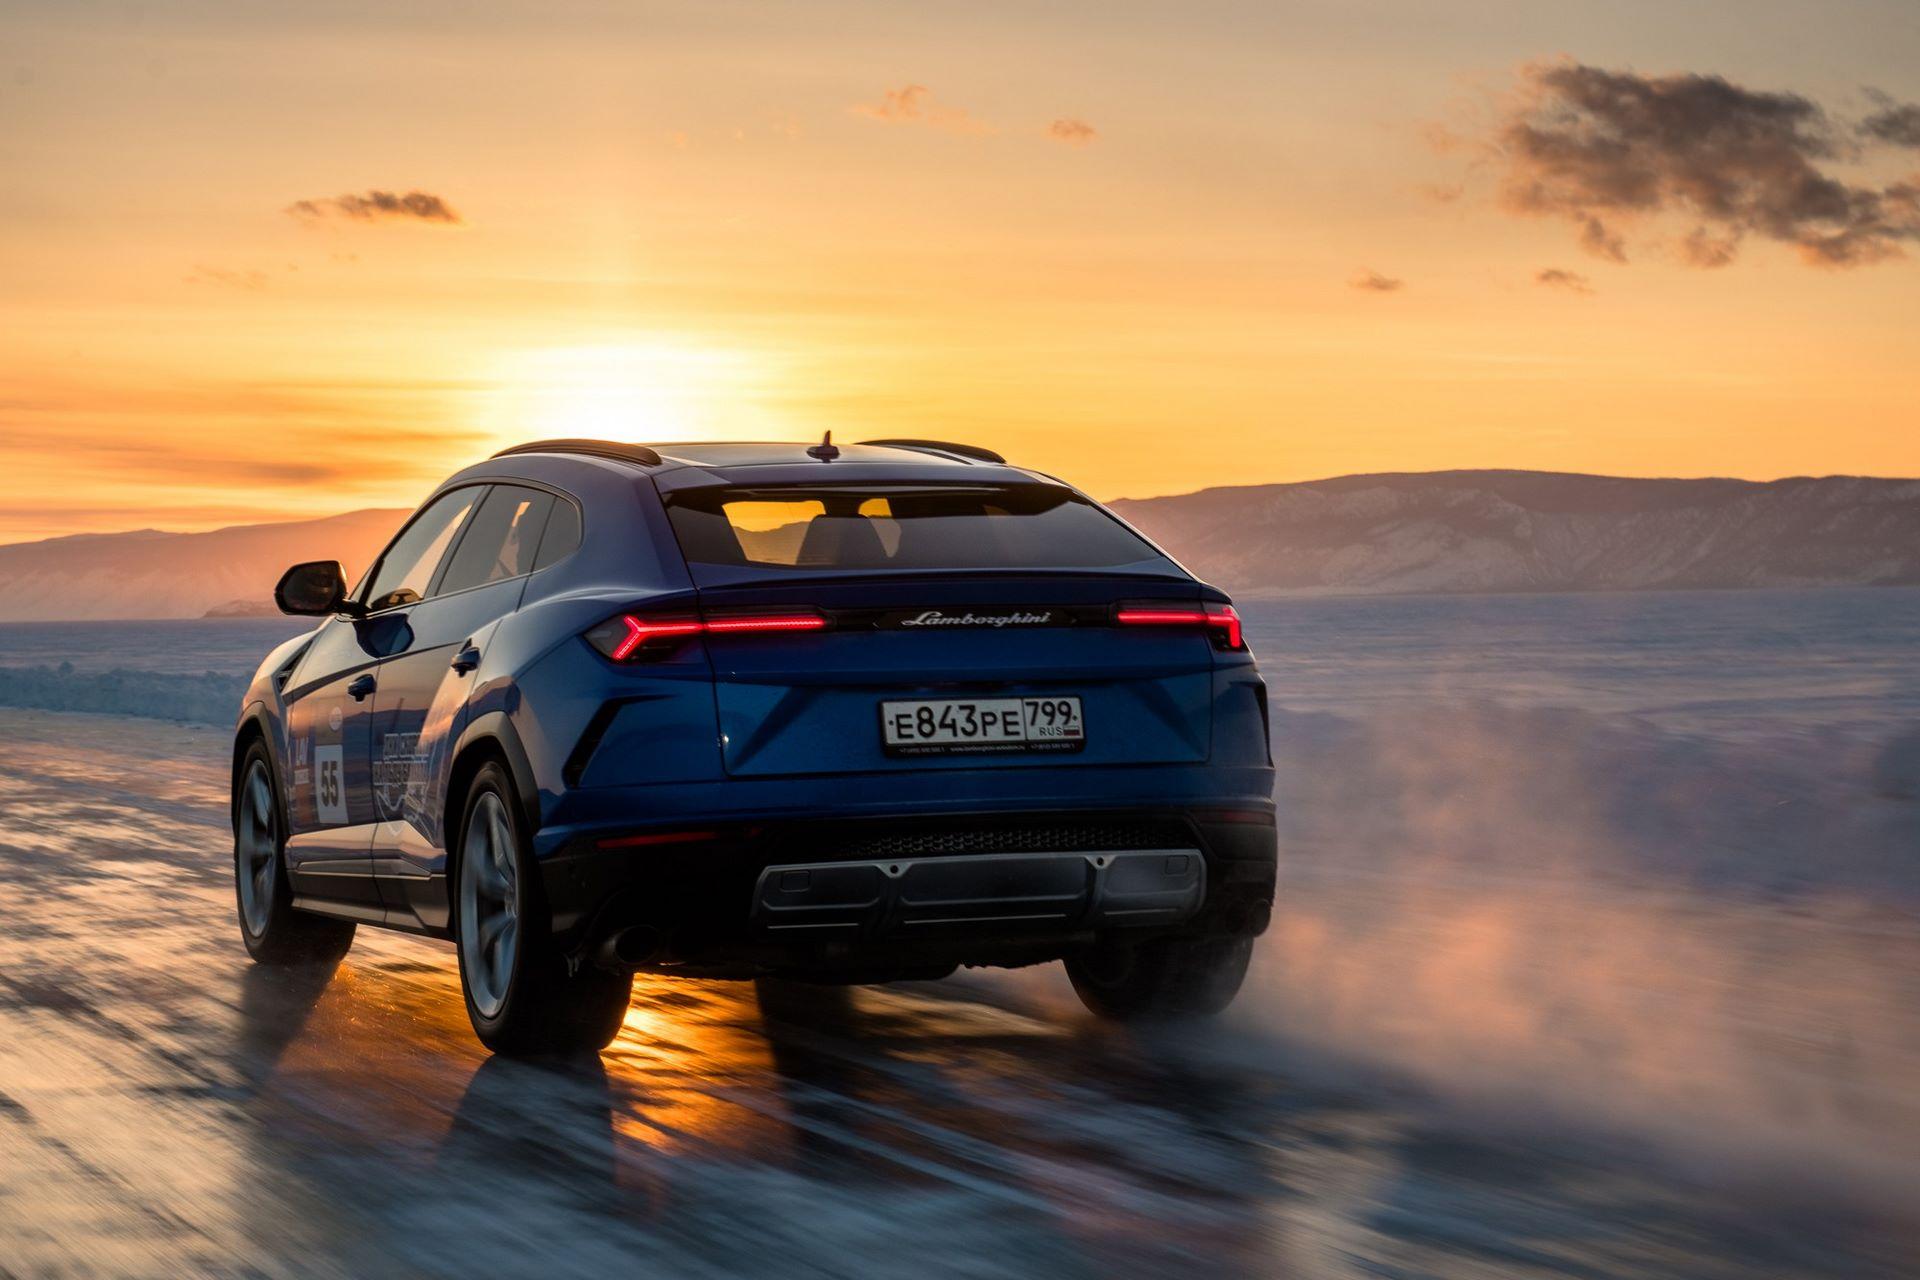 Lamborghini-Urus-Ice-Speed-Record-5